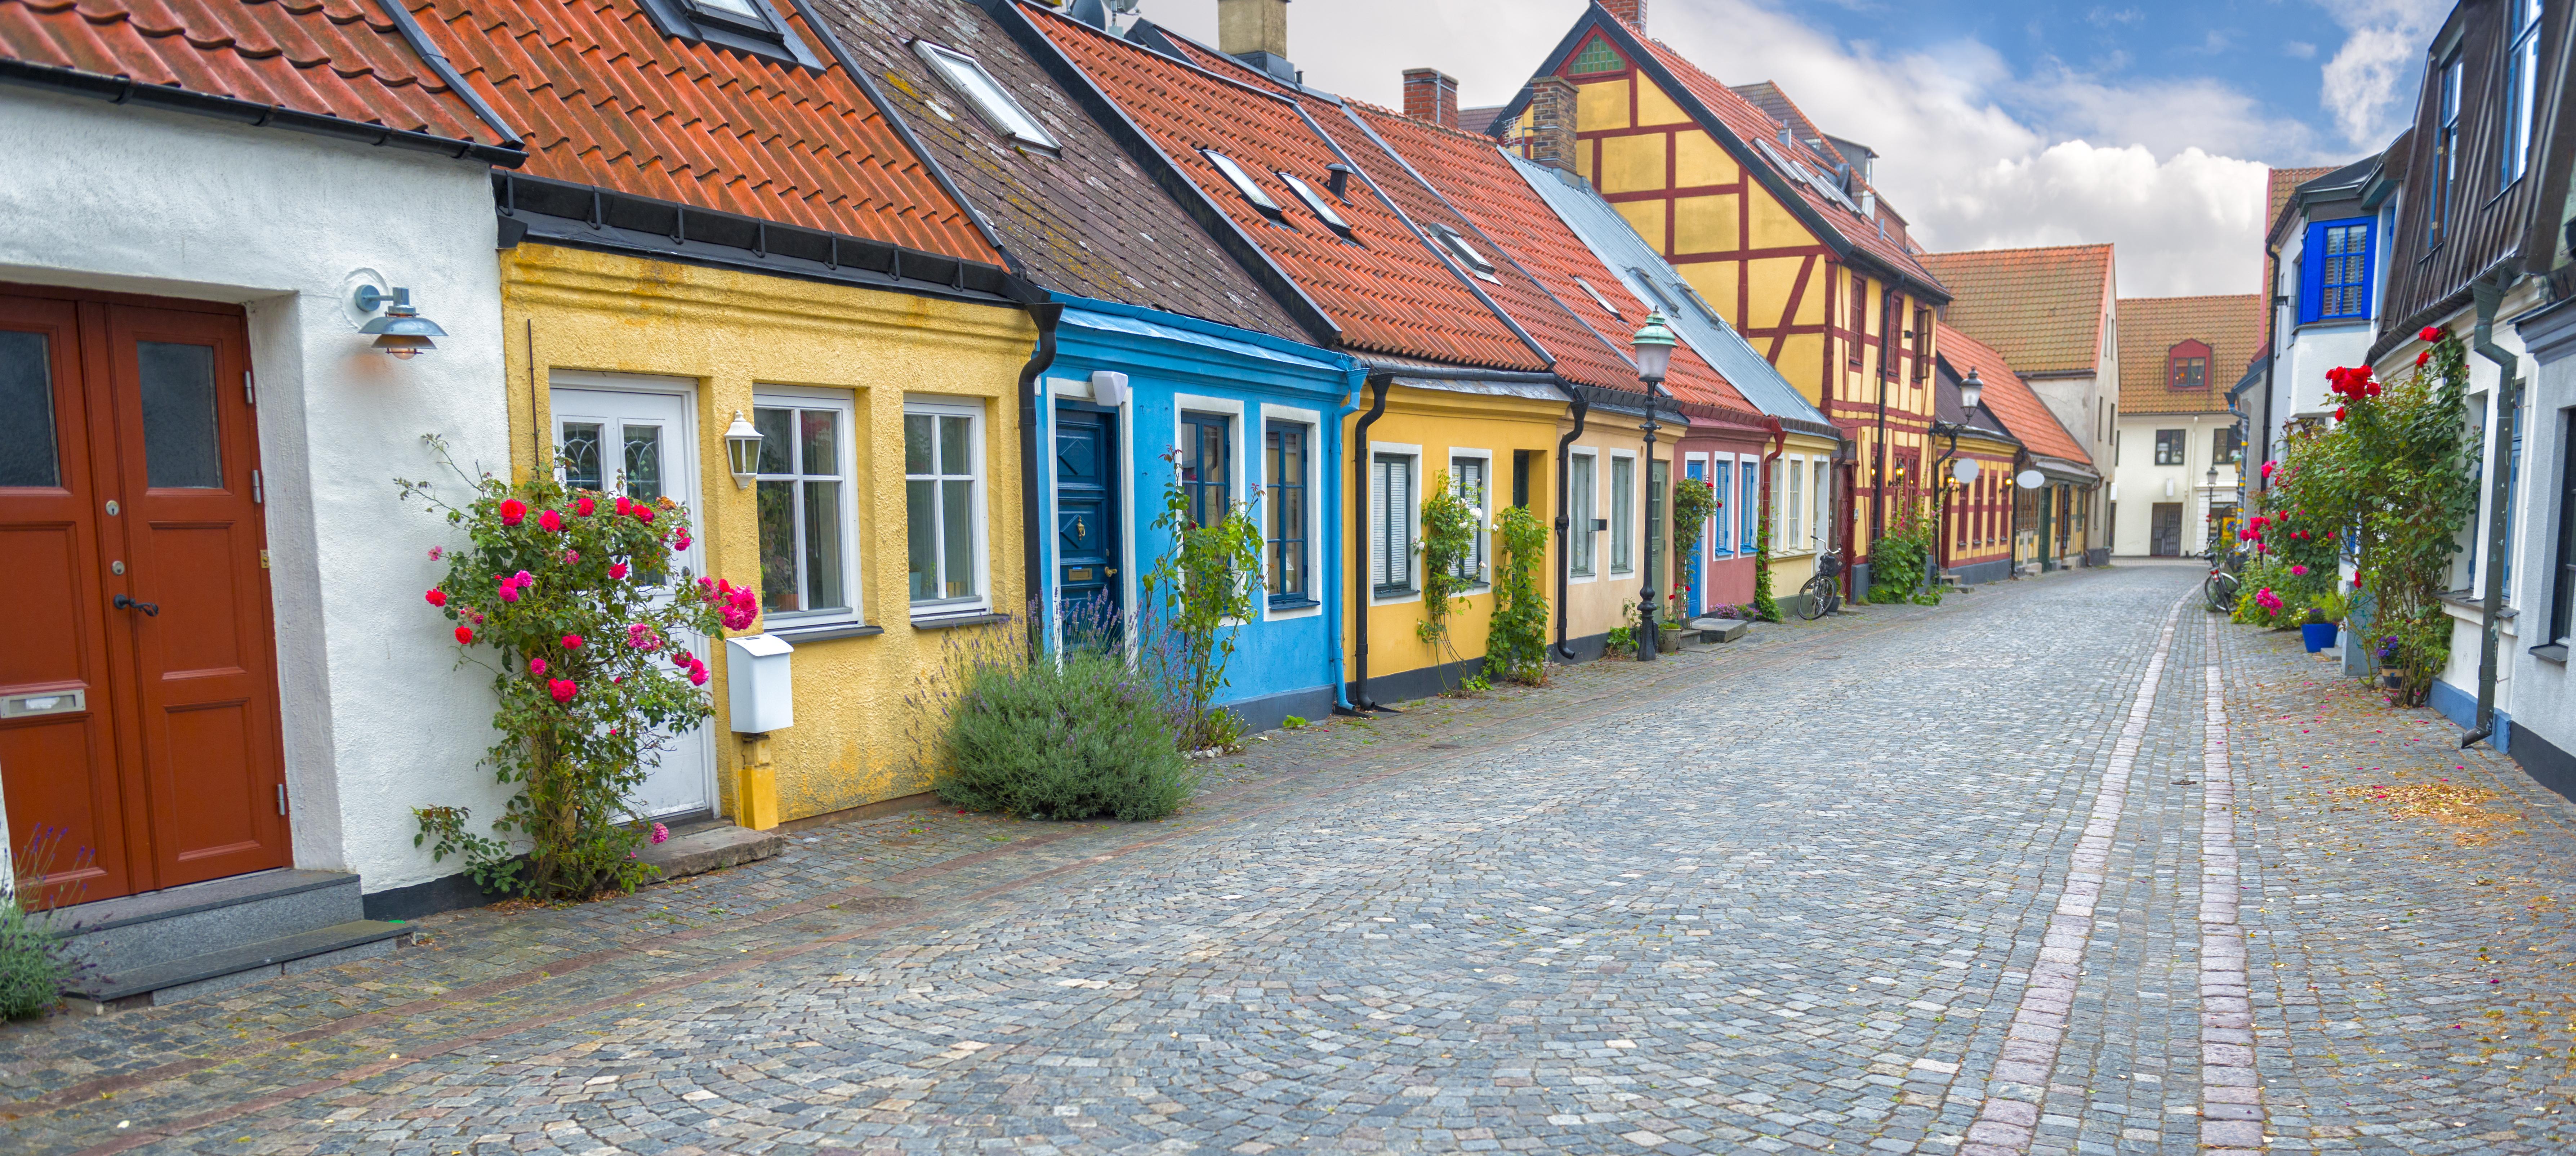 Piérdete en el bello laberinto del Gamla Stan - Finlandia Circuito Perlas del Báltico, Fiordos y Copenhague